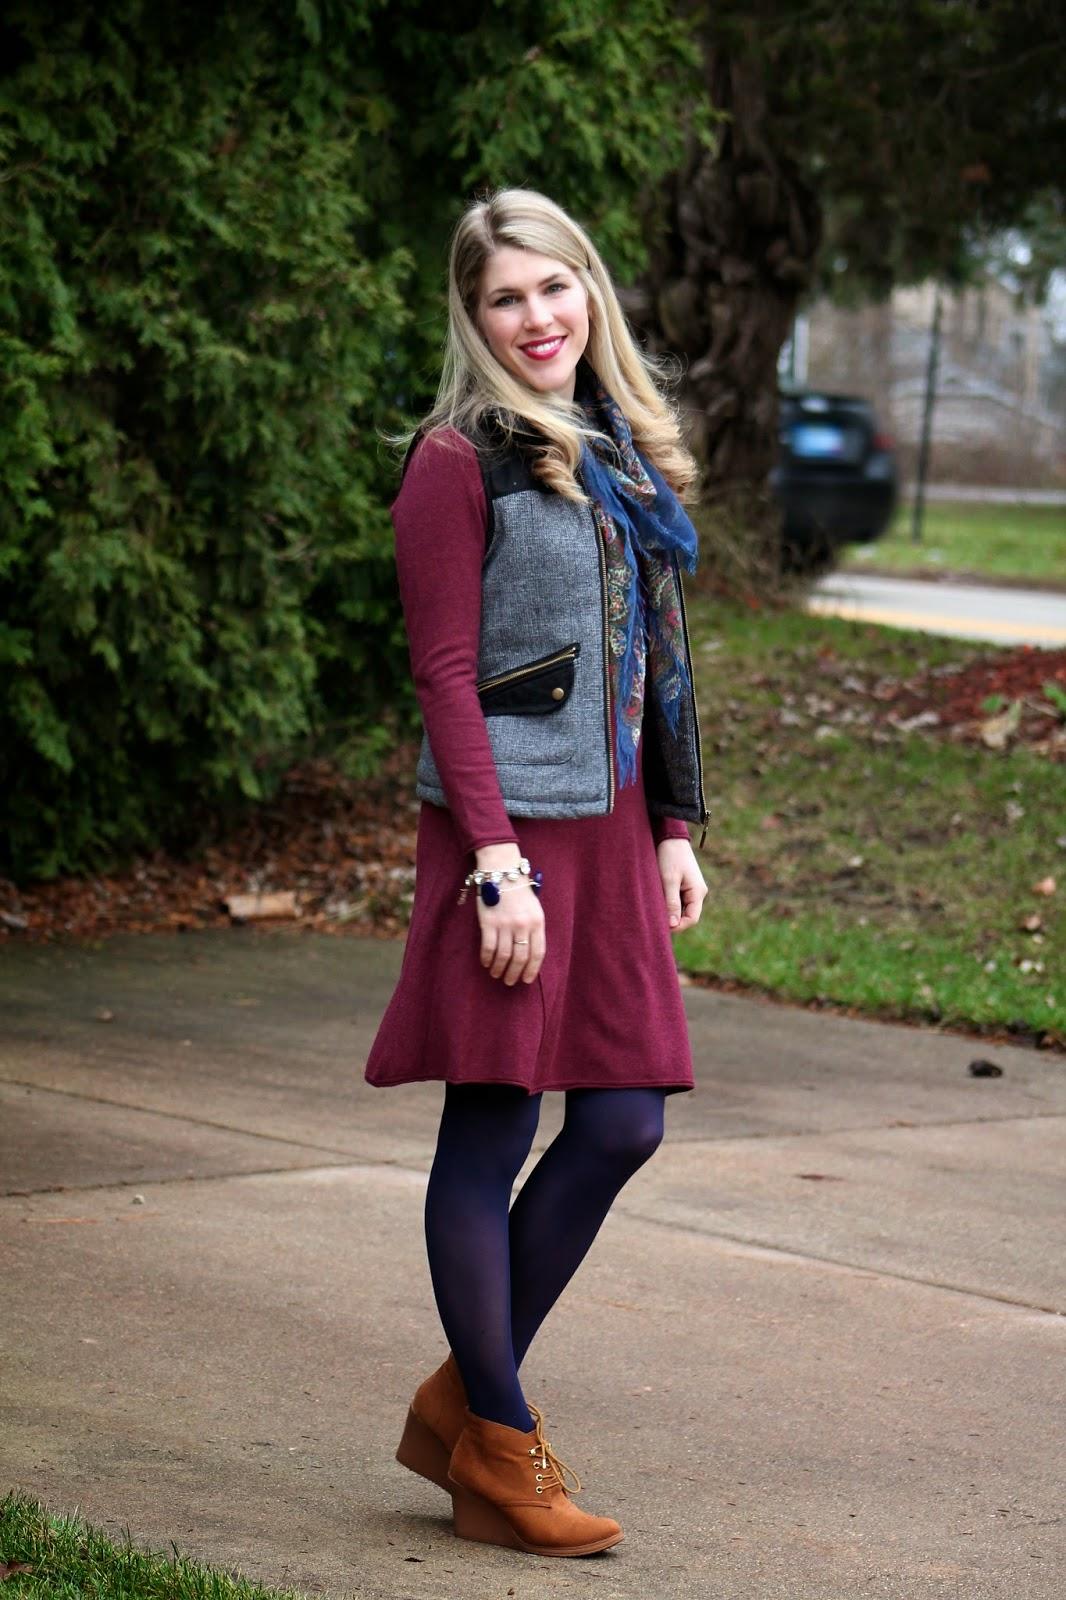 Dress c o tulip boutique vest target scarf souvenir tights